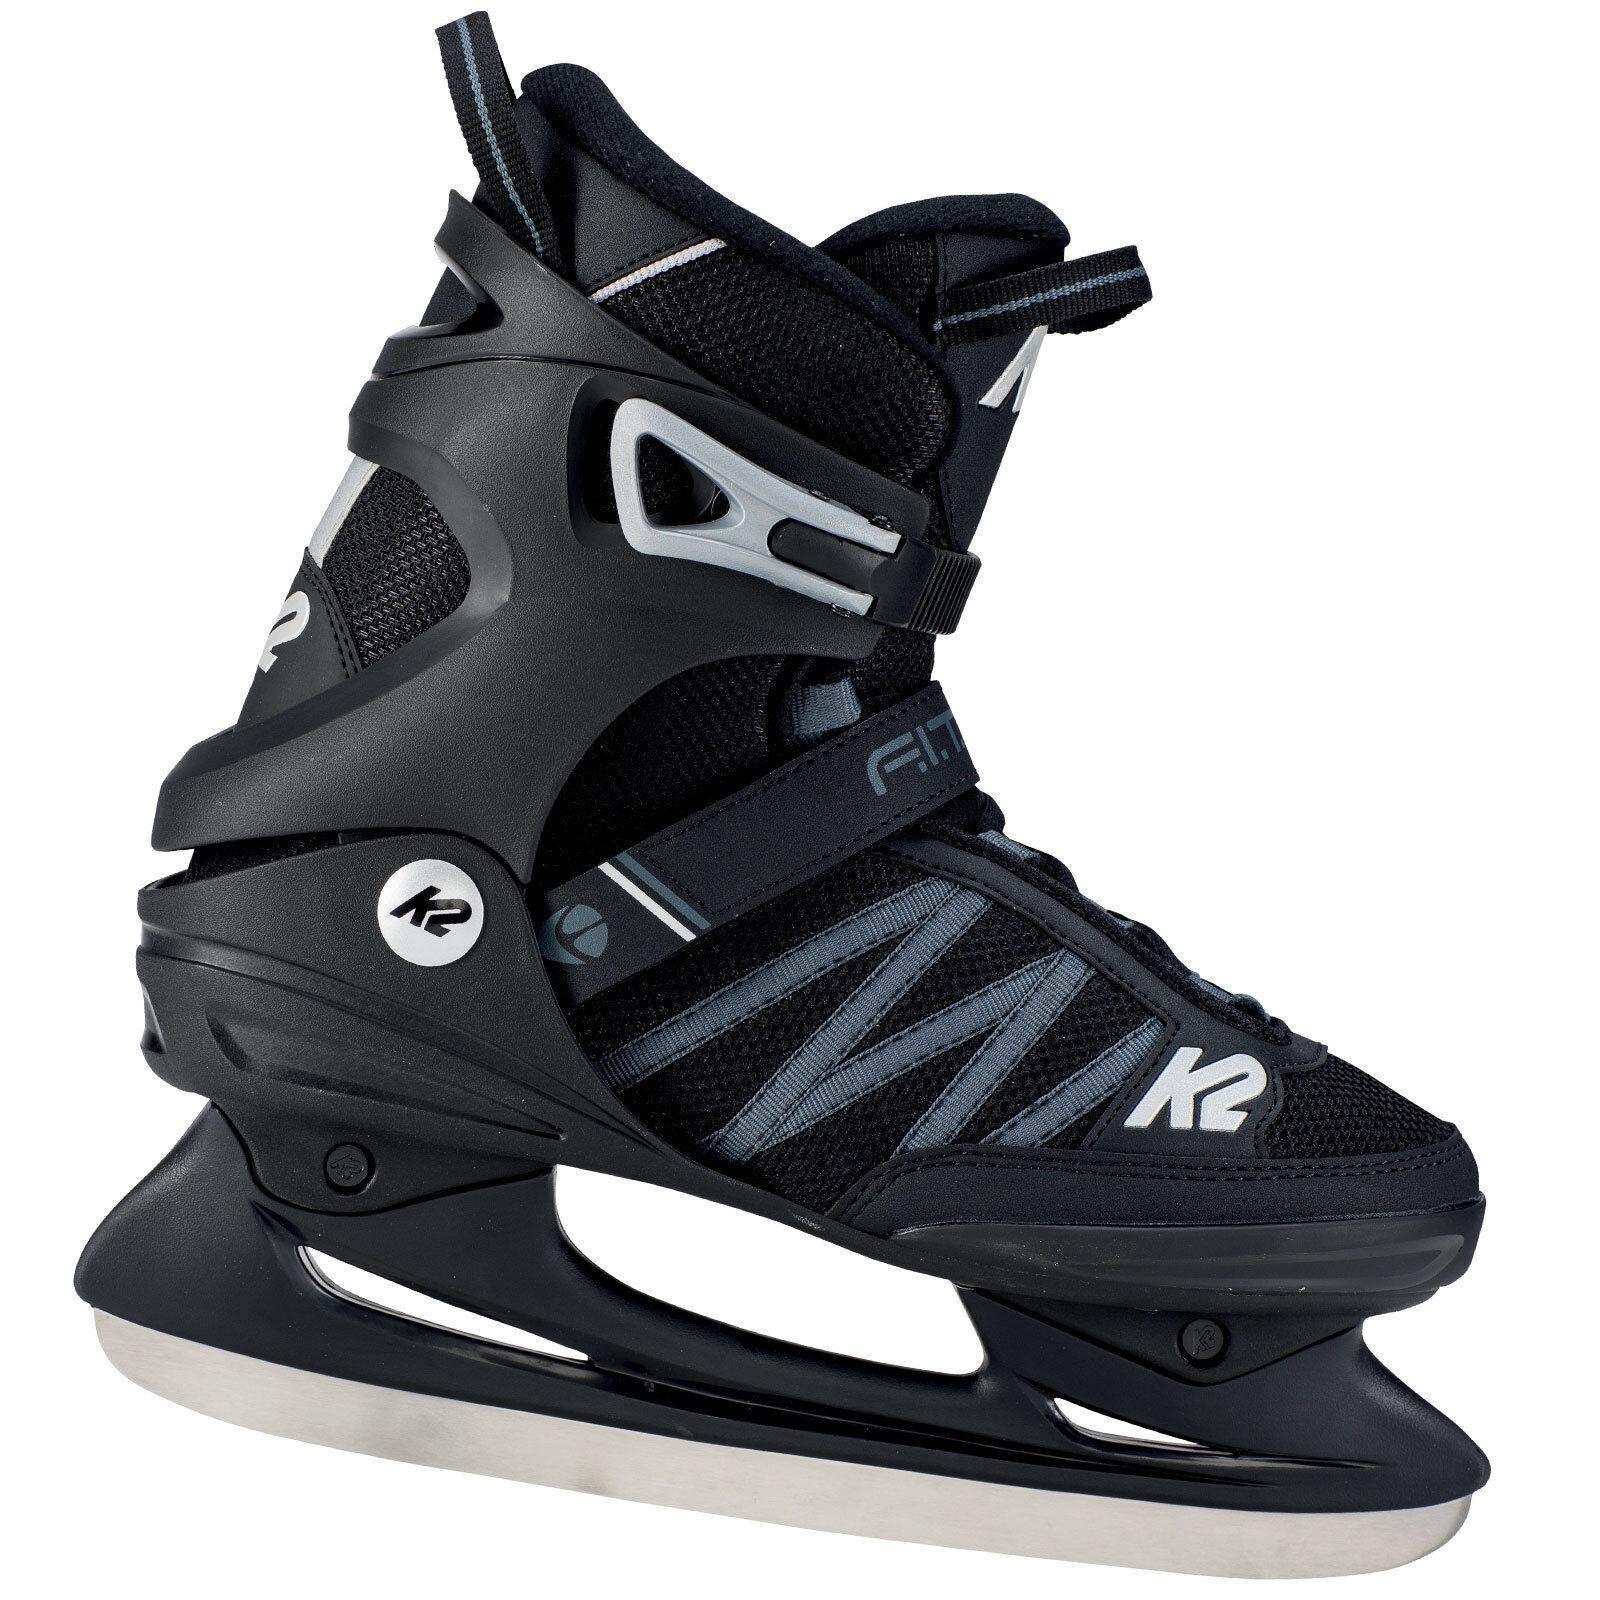 K2 for I T. Fit Ice S s Ice S  s Men's Speed S s  wholesape cheap